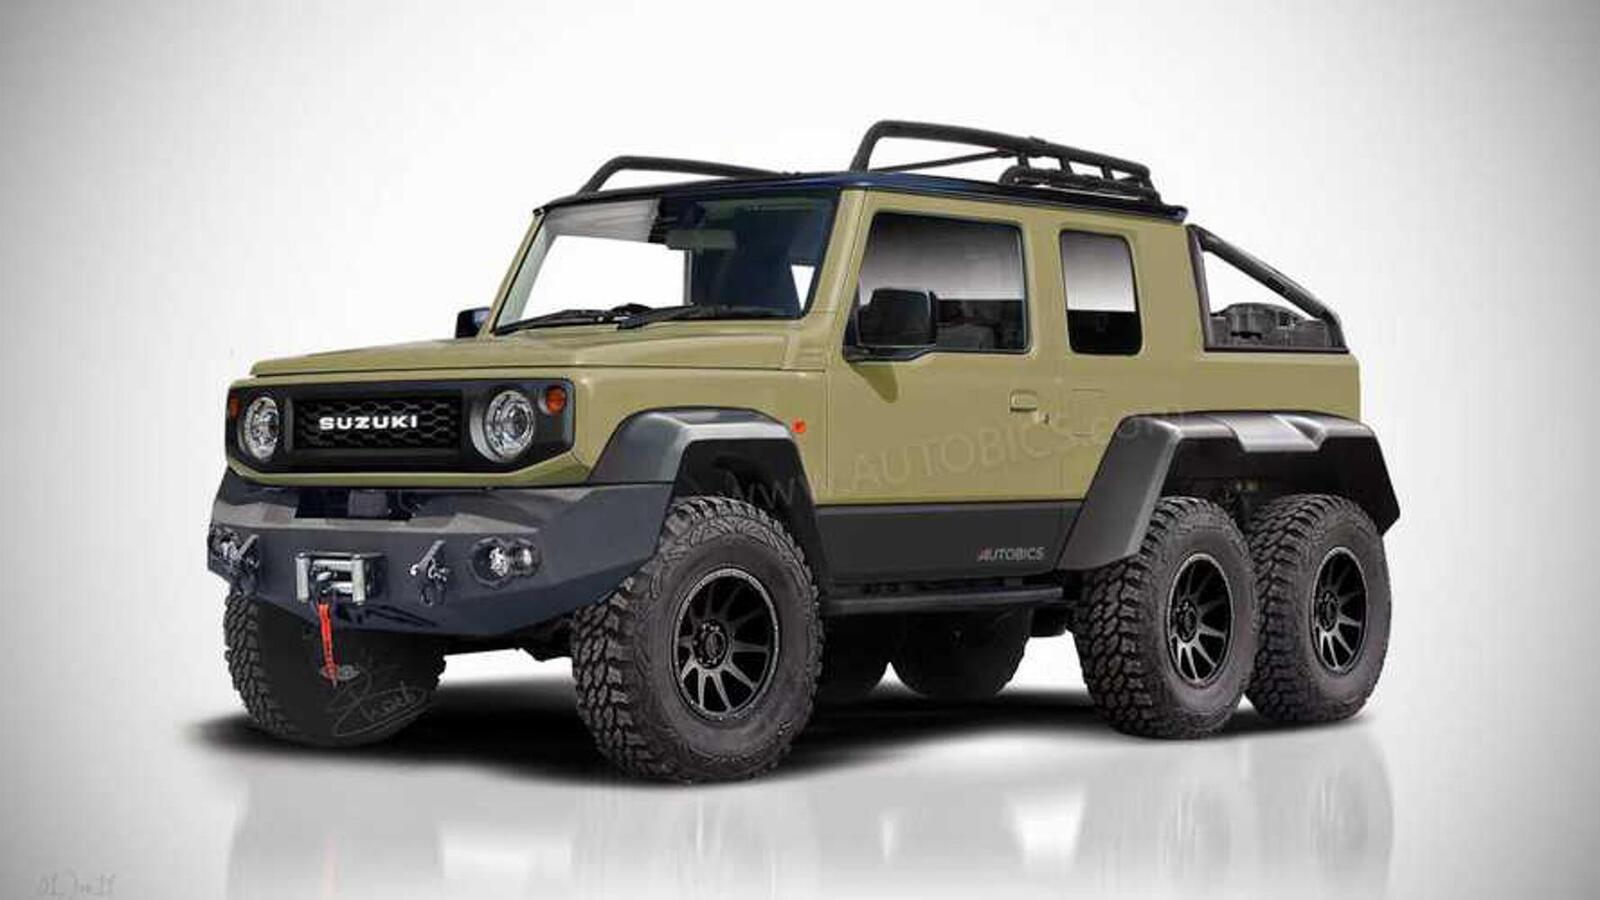 Ý tưởng về một chiếc Suzuki Jimny 2019 độ 6 bánh theo kiểu 6x6 - Hình 2